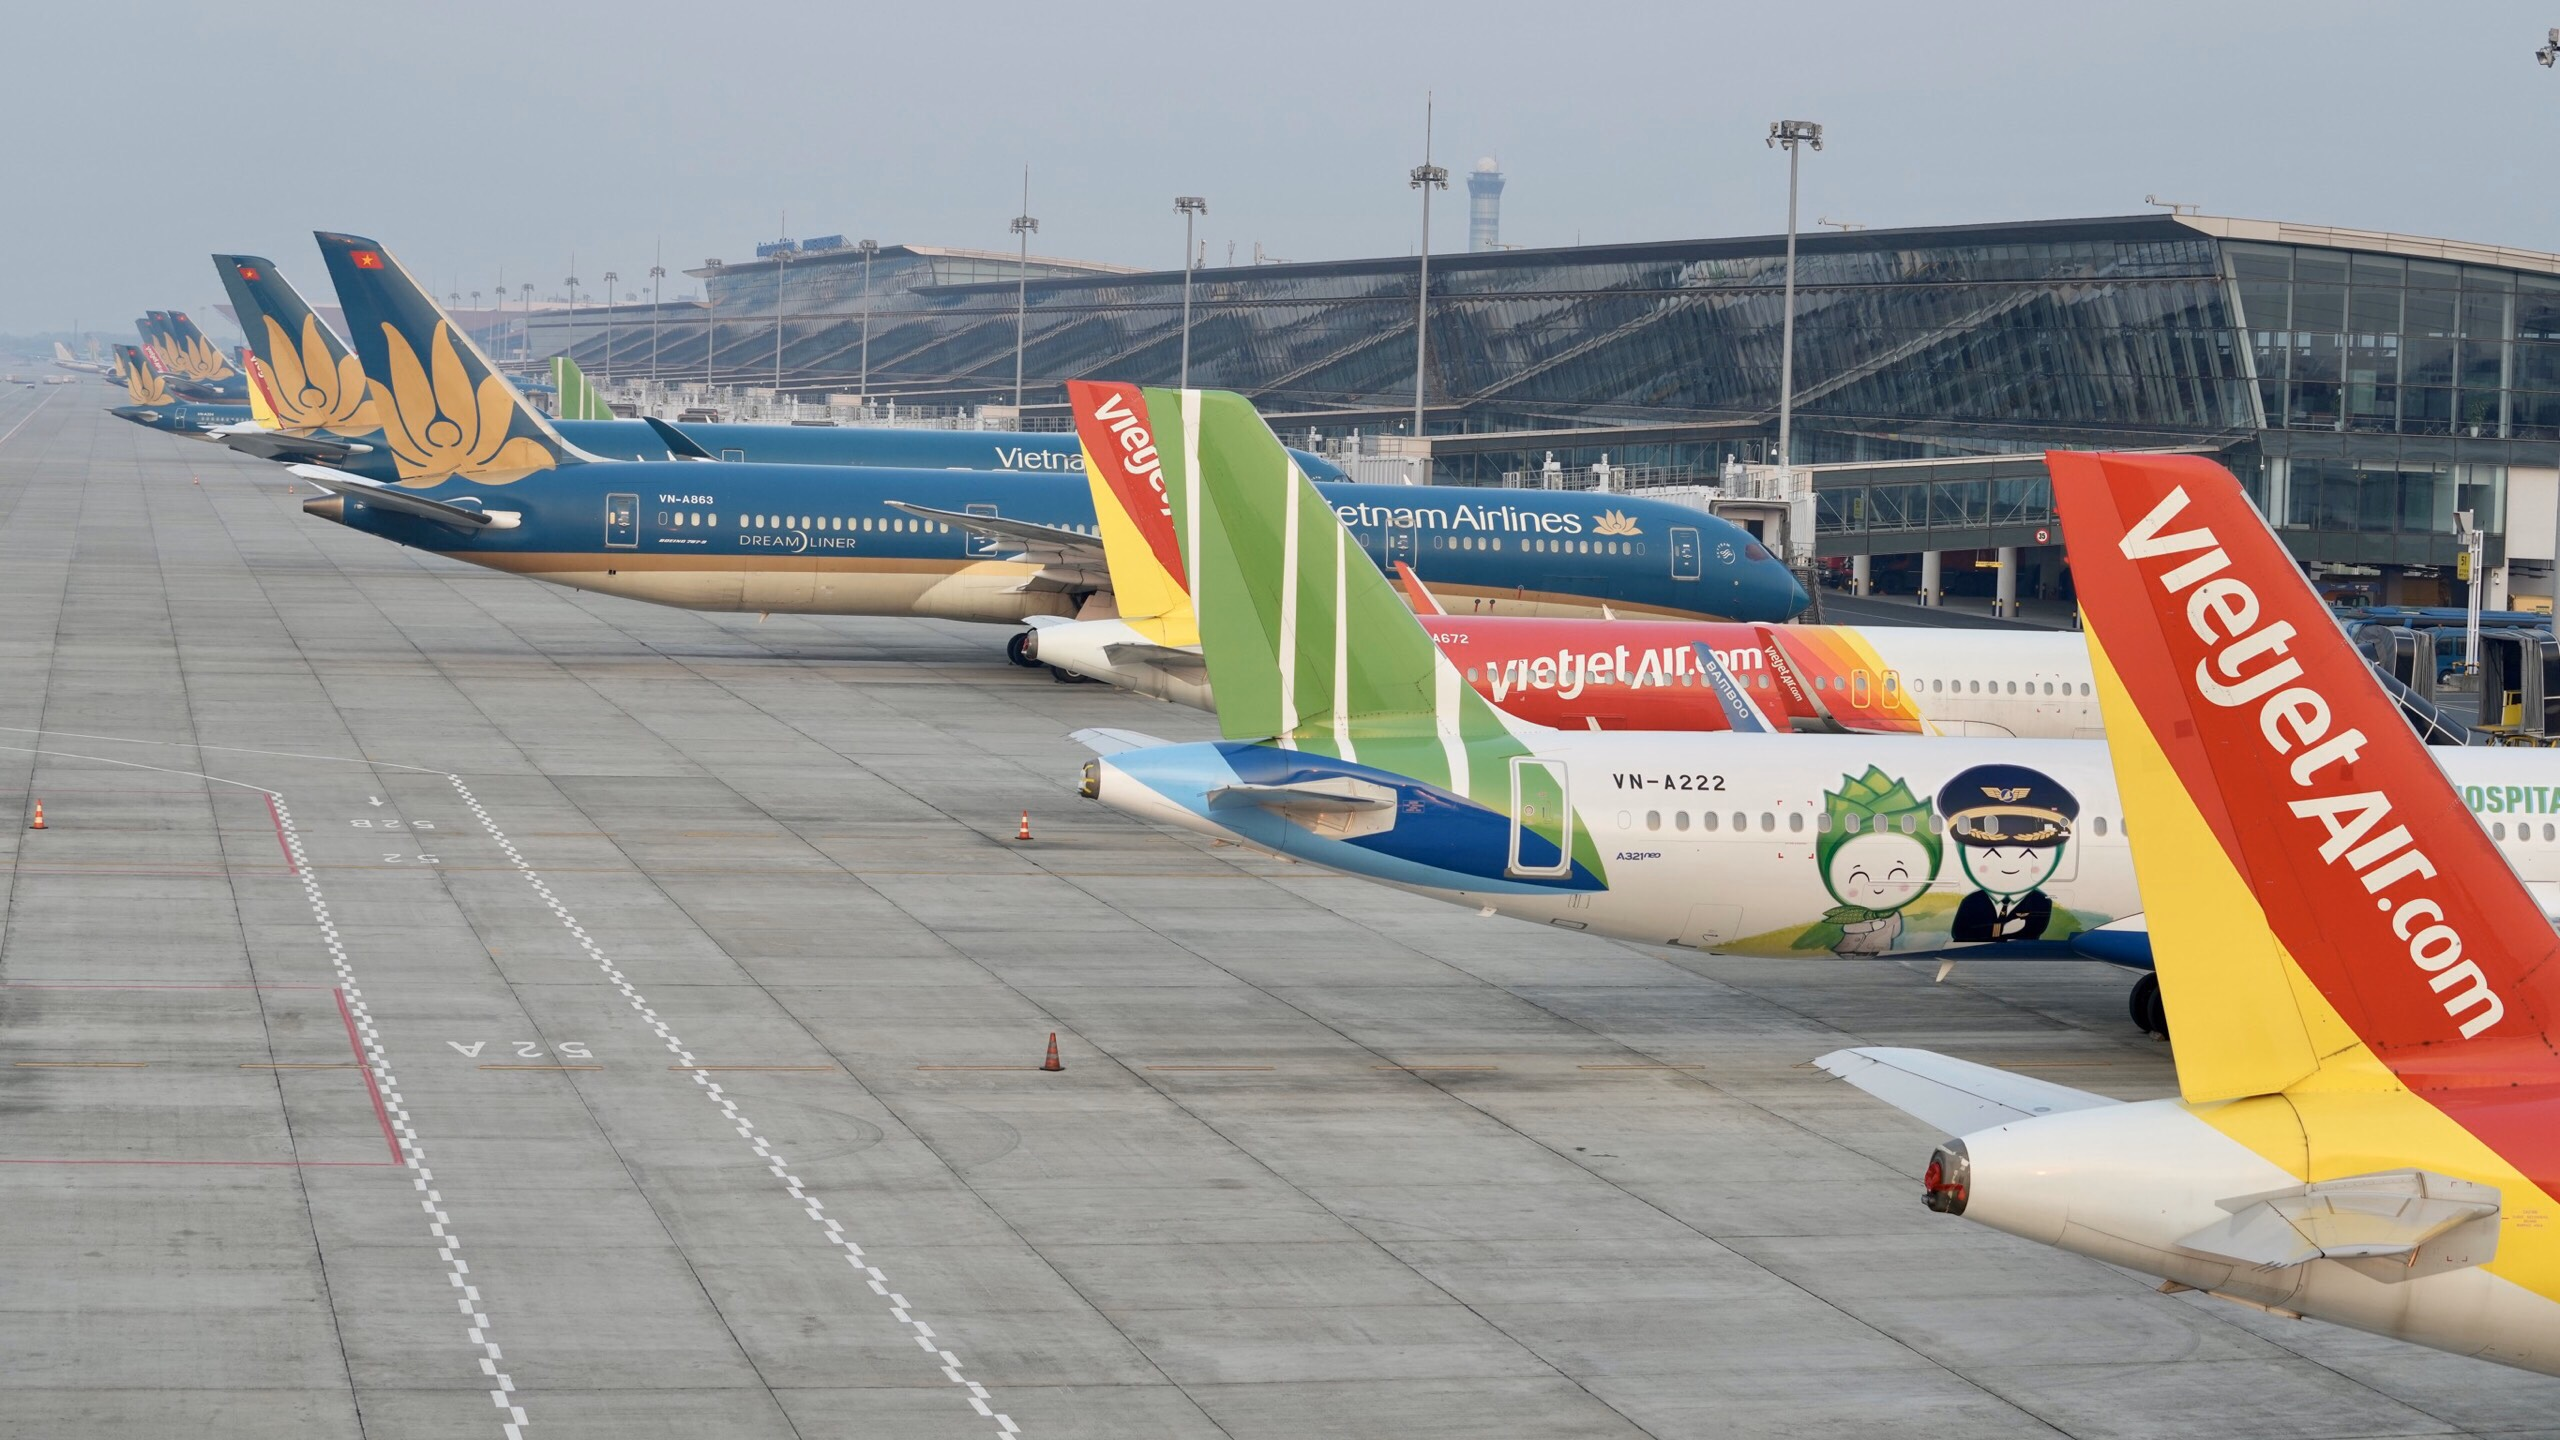 Mở lại đường bay nội địa: Yêu cầu các sân bay có điểm xét nghiệm SARS-CoV-2 kháng nguyên nhanh